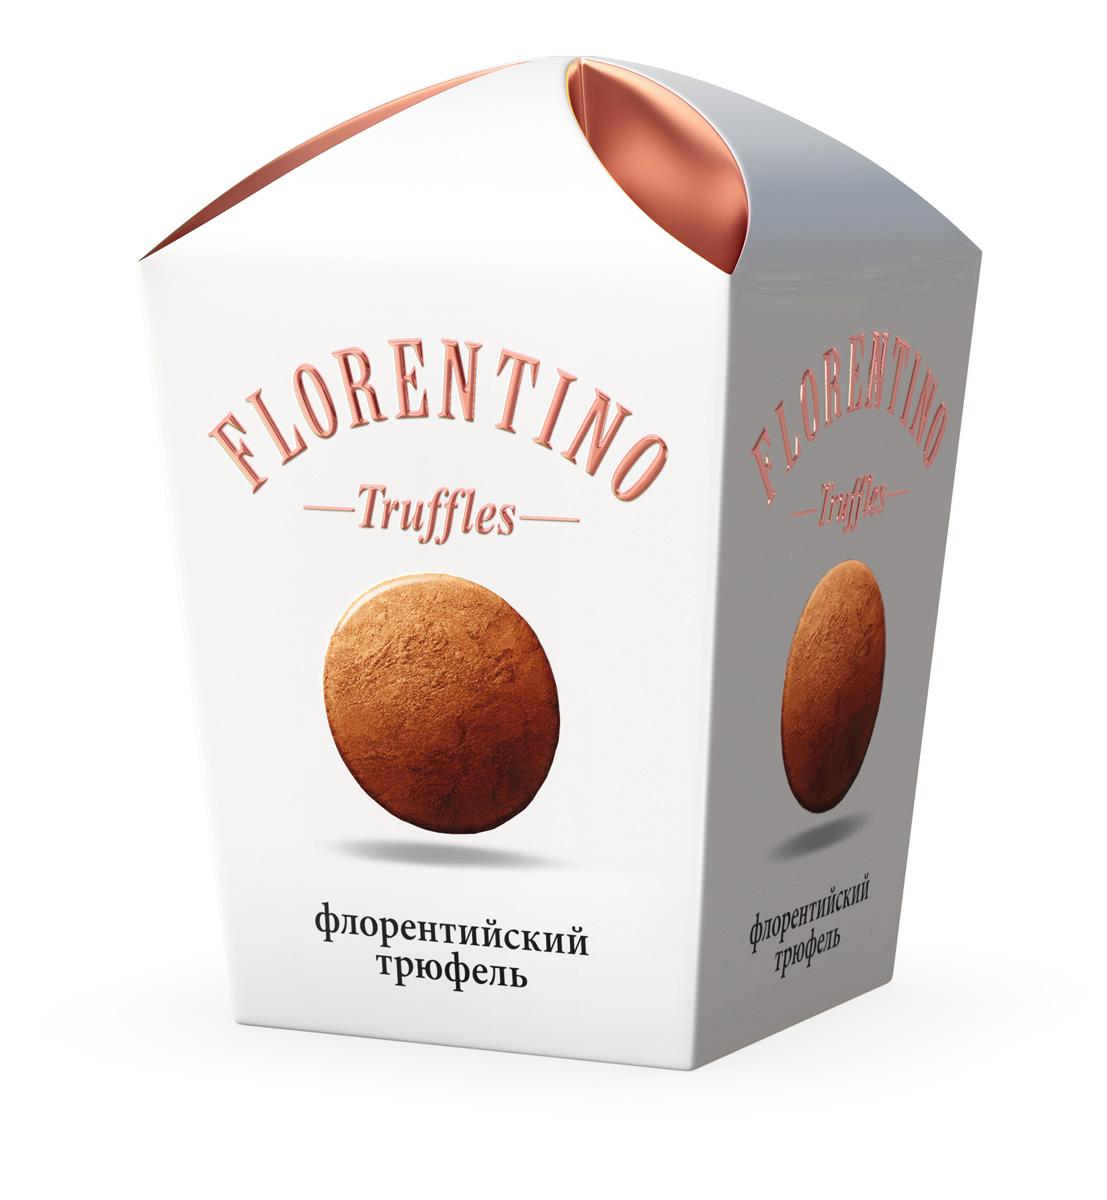 Florentino Флорентийский трюфель конфеты, 175 г16.3752Конфеты «Трюфель» от BUCHERON приготовлены по рецептуре, ставшей популярной в середине XX века. Благодаря швейцарским технологиям и отборным какао-бобам, собранным на Берегу Слоговой Кости, эти конфеты имеют яркий и утонченный вкус. Попробуйте ароматные, нежные, тающие на языке классические трюфели.